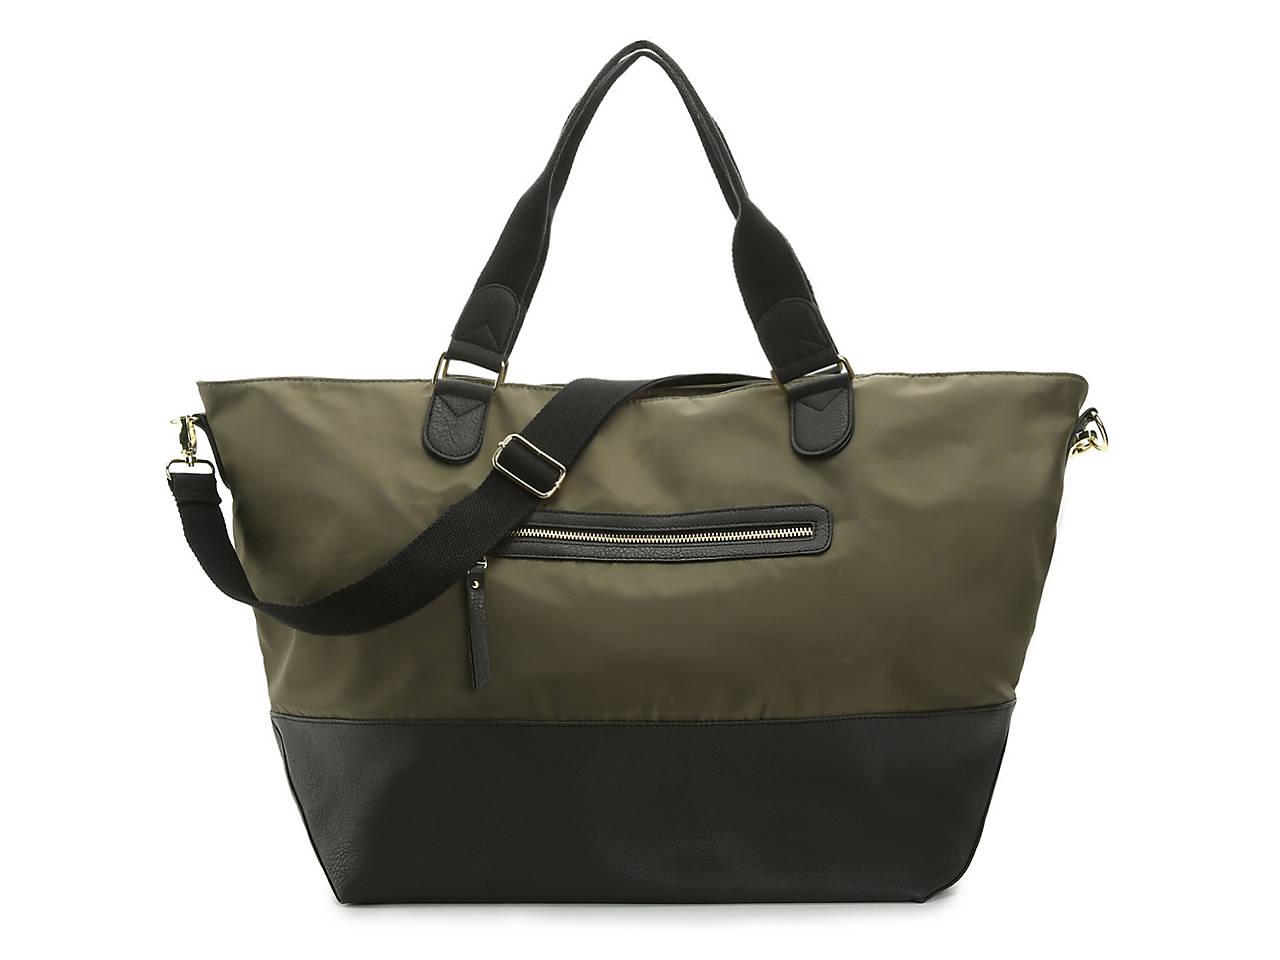 2ad2ba3a61d2 Madden Girl Cori Weekender Bag Women s Handbags   Accessories